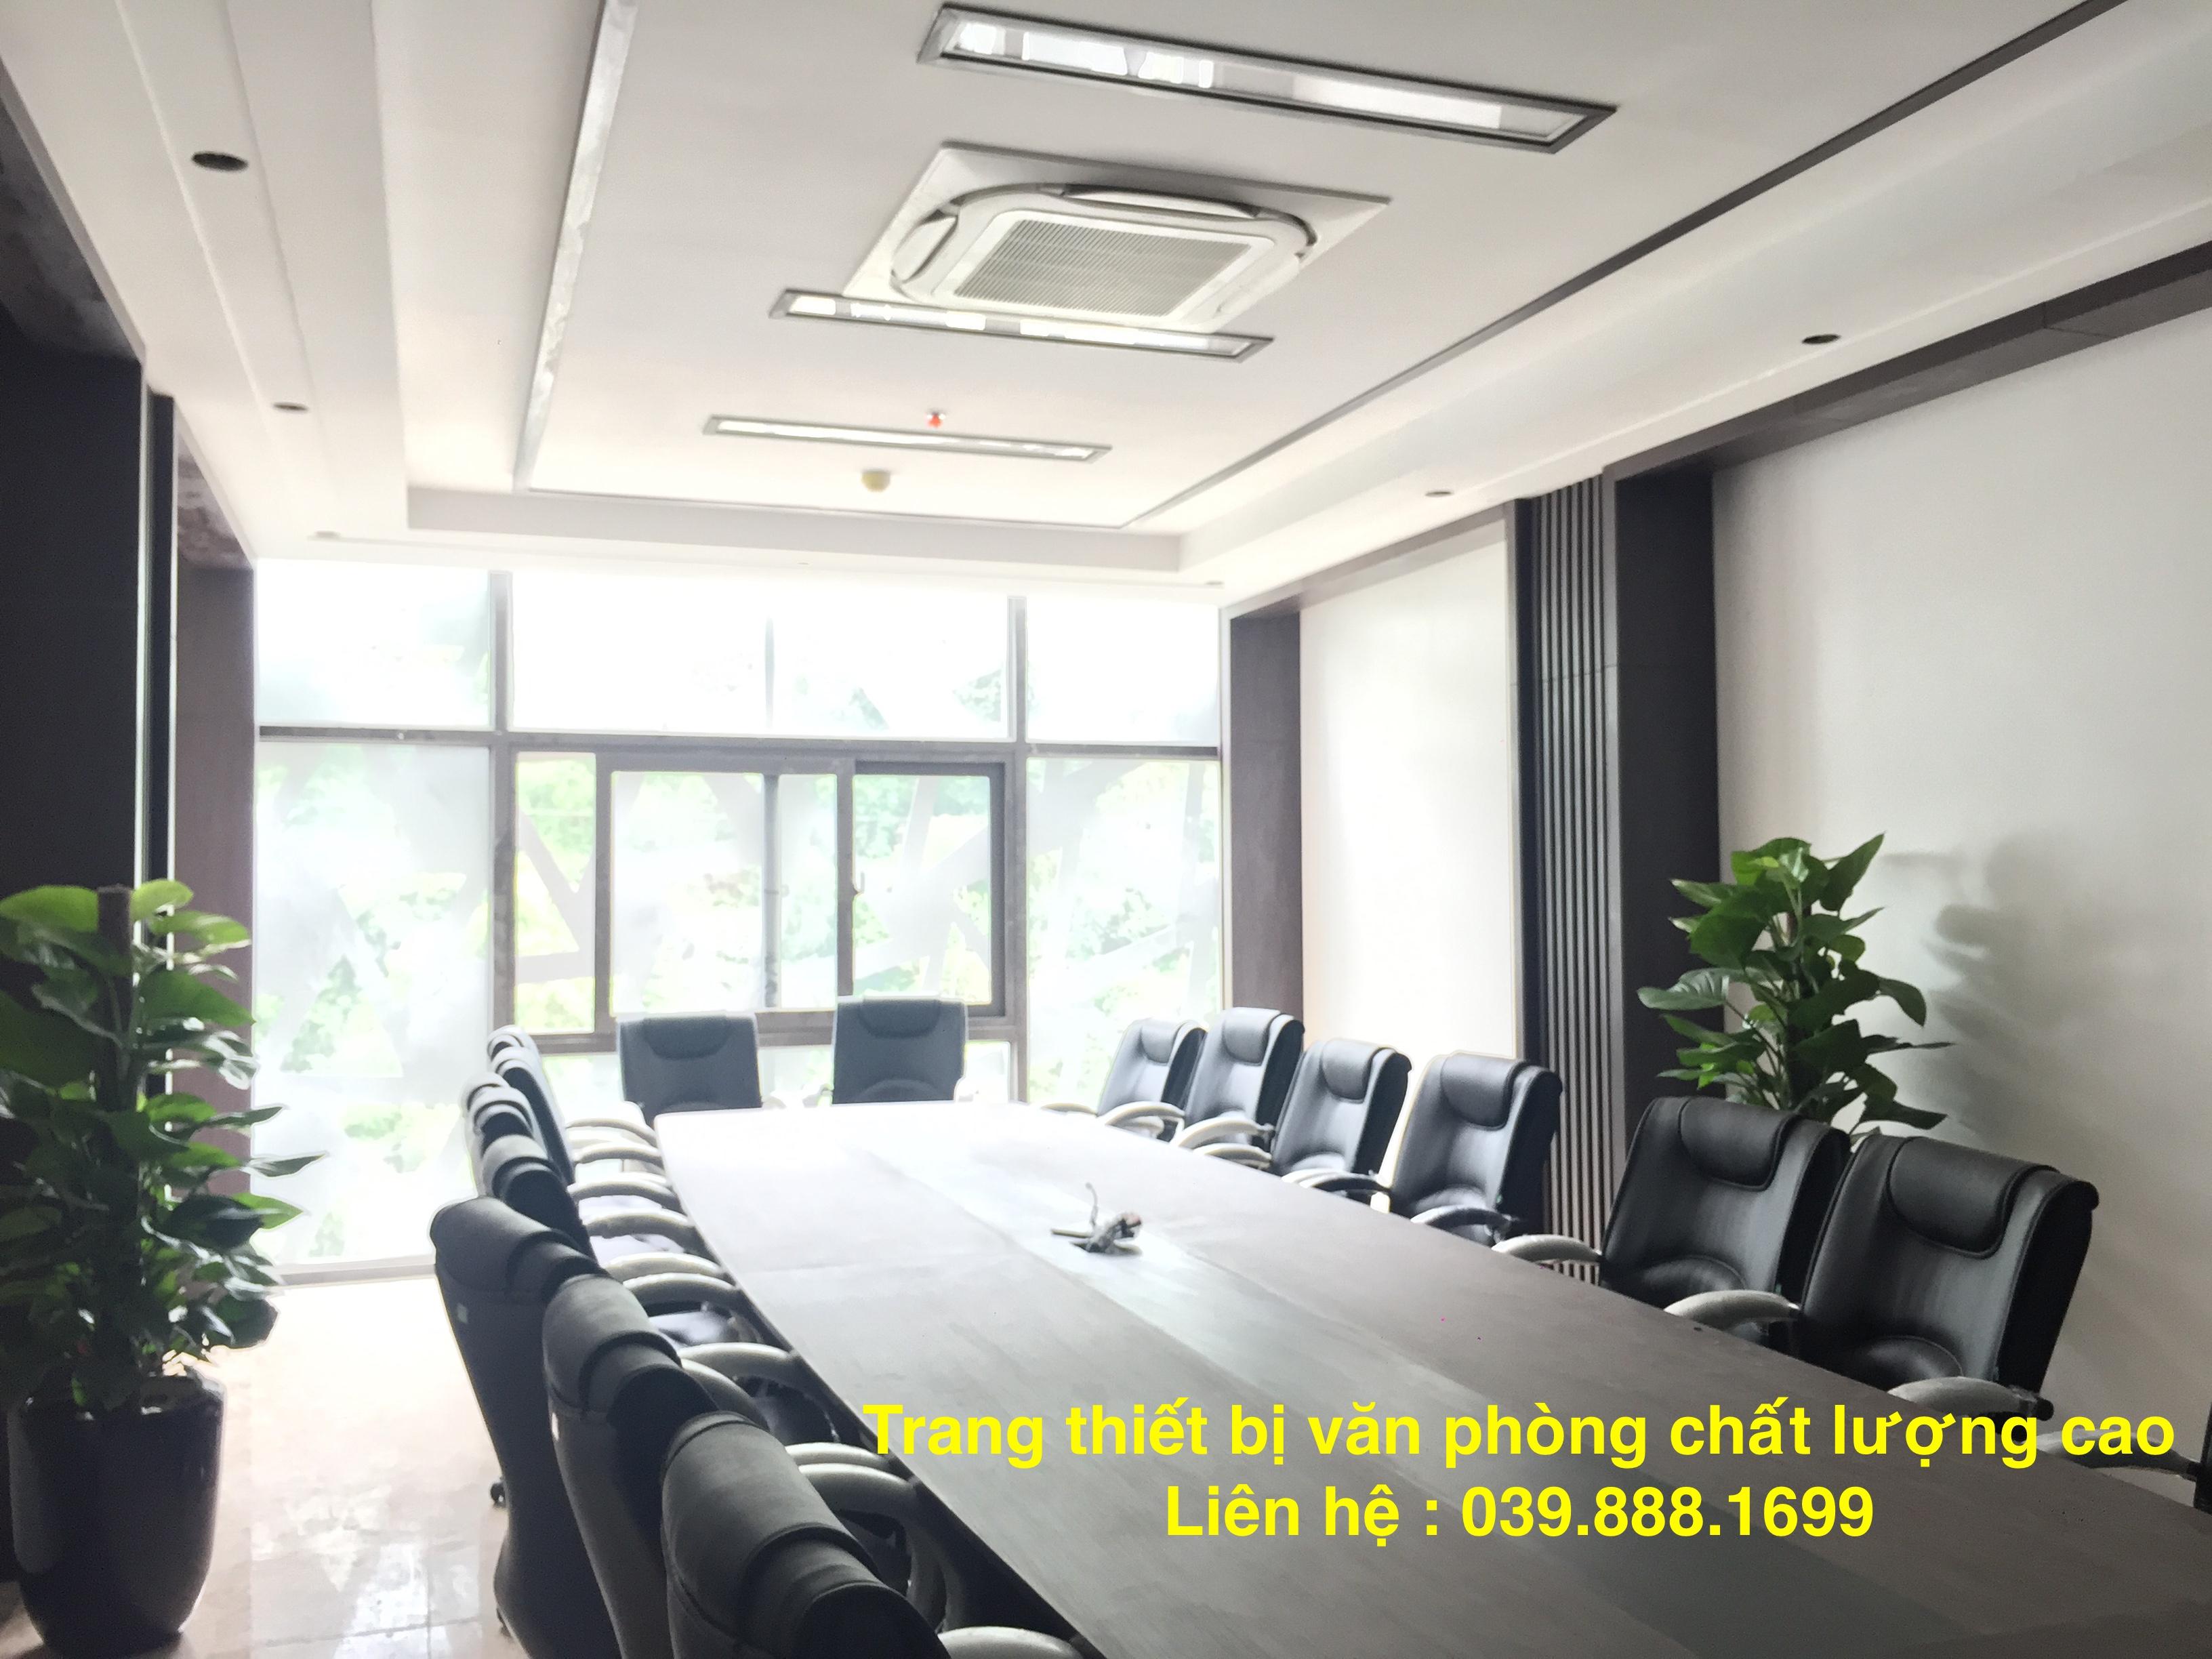 1 Cho thuê văn phòng khu cực Cửa khẩu Hữu Nghị, Lạng Sơn